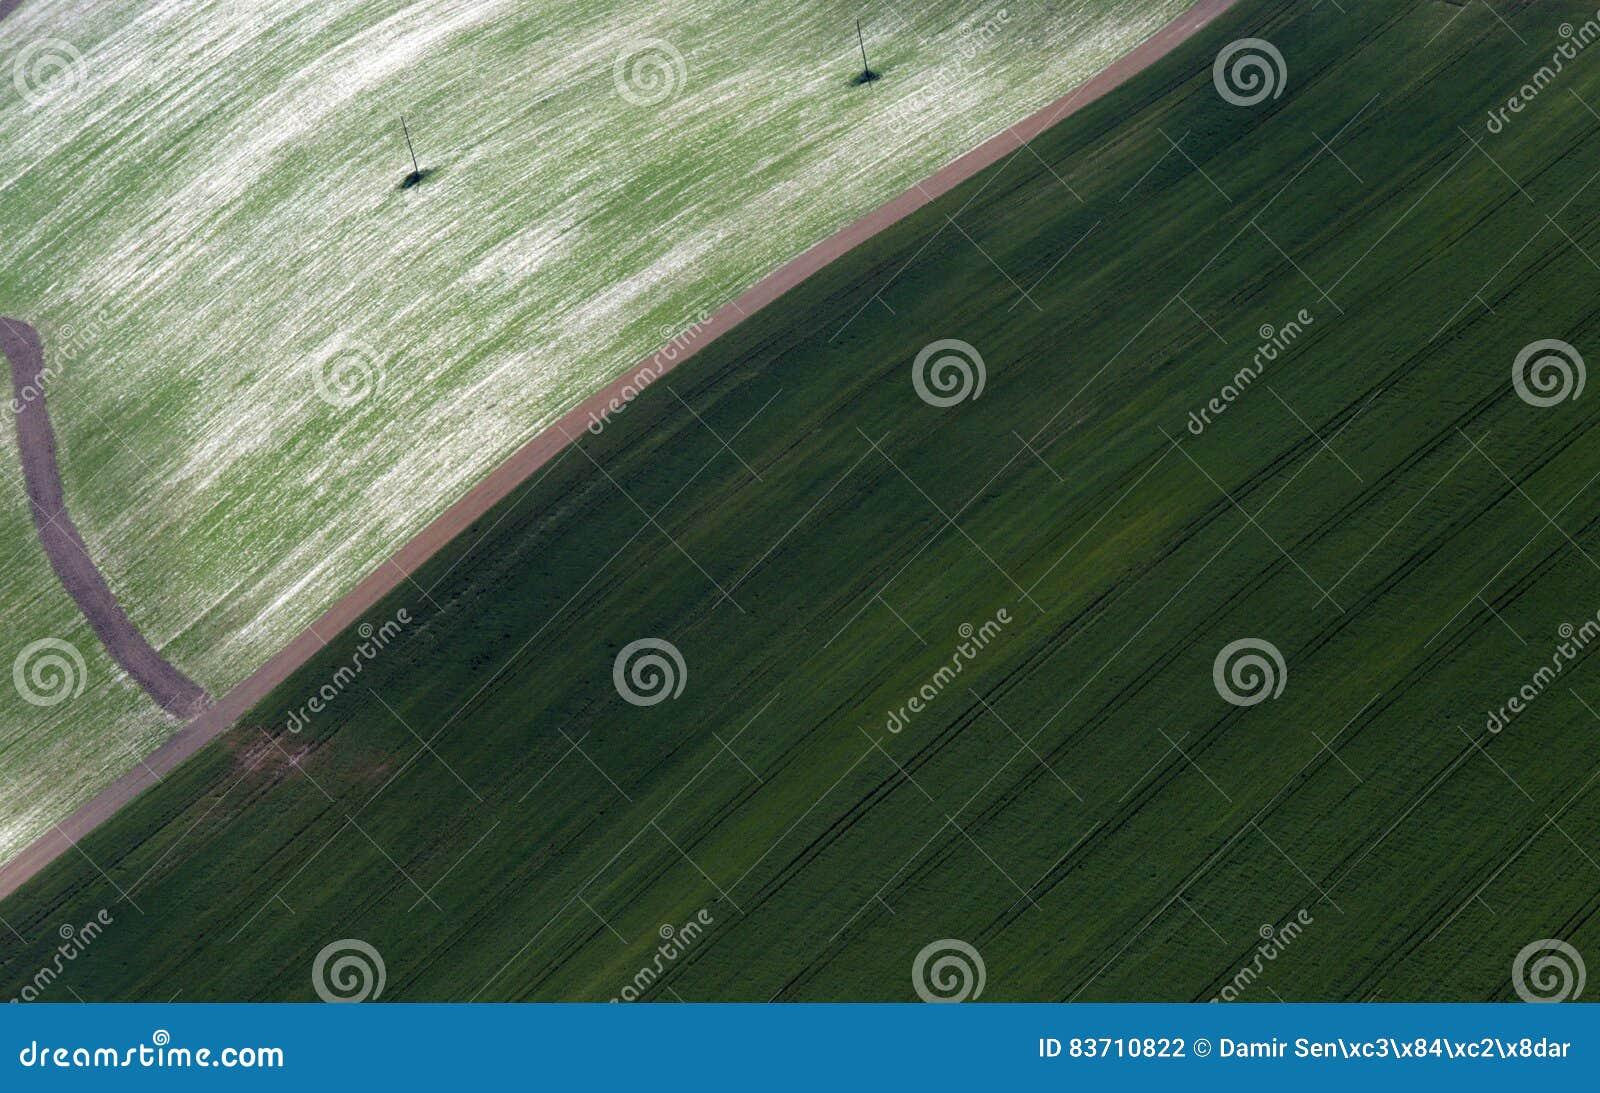 Airshot Of Fields Stock Photo